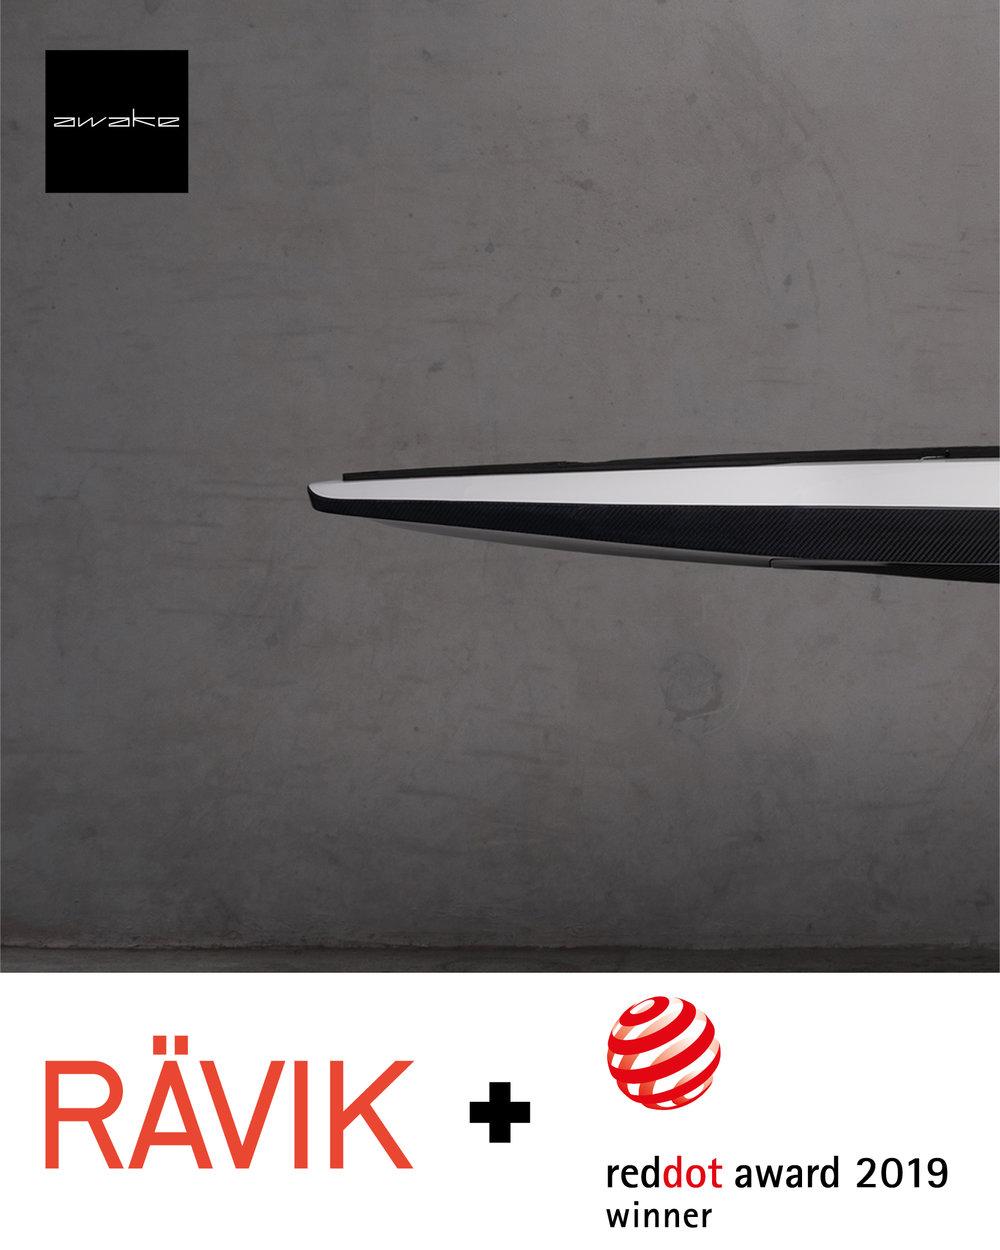 Awake Electric surfboard if design award